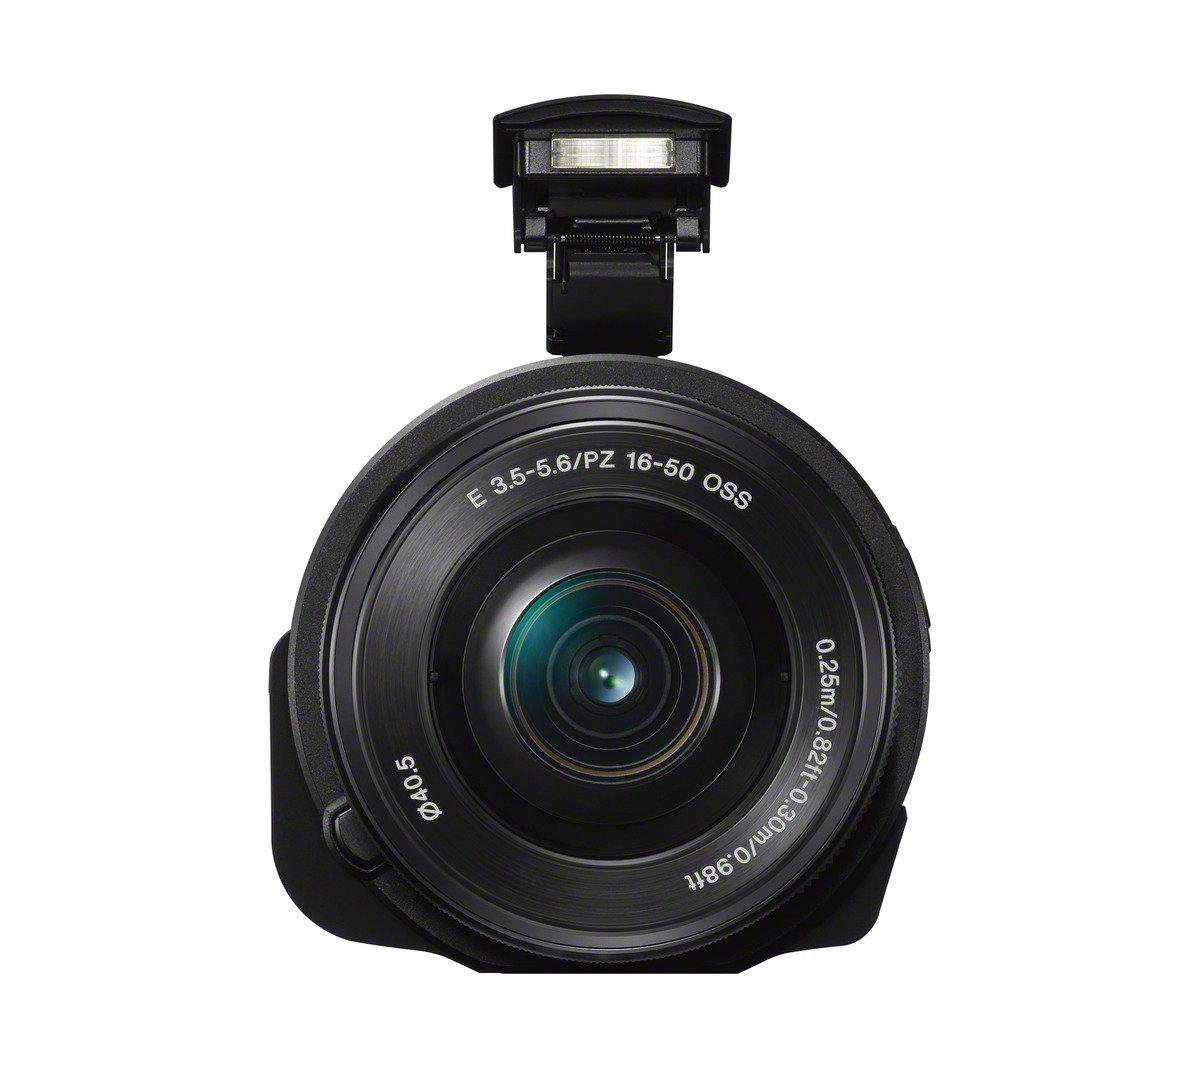 Précommande : Appareil photo compatible smartphone Sony QX1 - Capteur 20.1 Mpx + Objectif 16-50 mm - Wifi/NFC